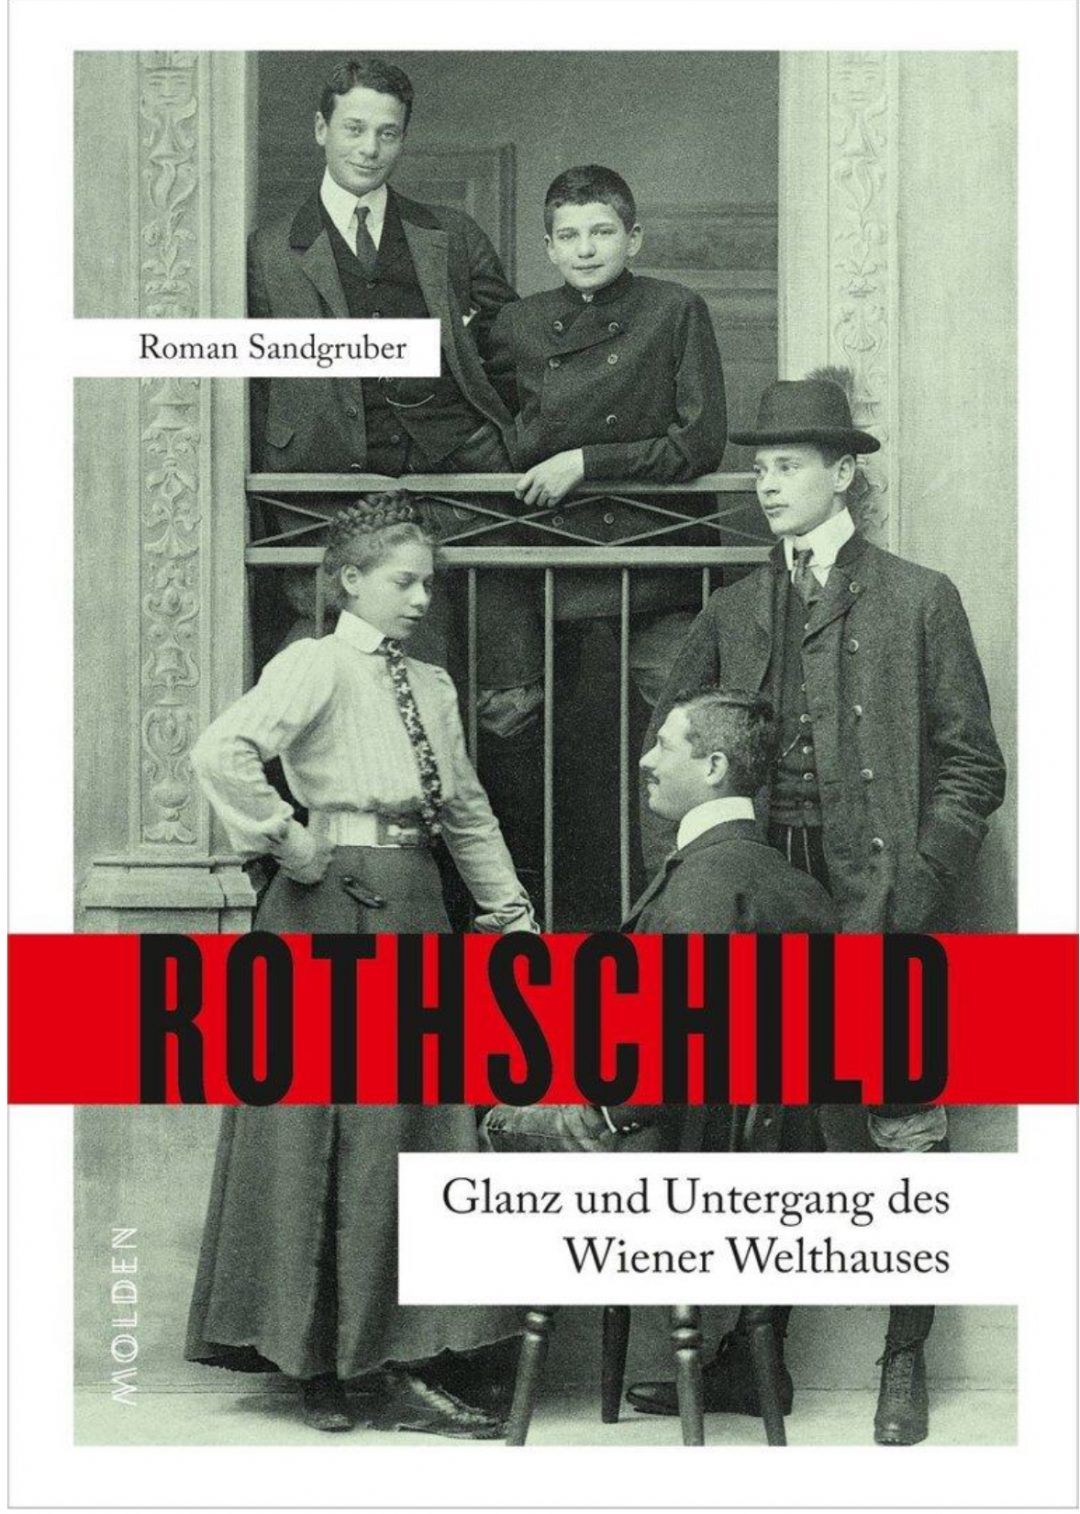 Die Rotschilds - Glanz und Untergang des Wiener Welthauses